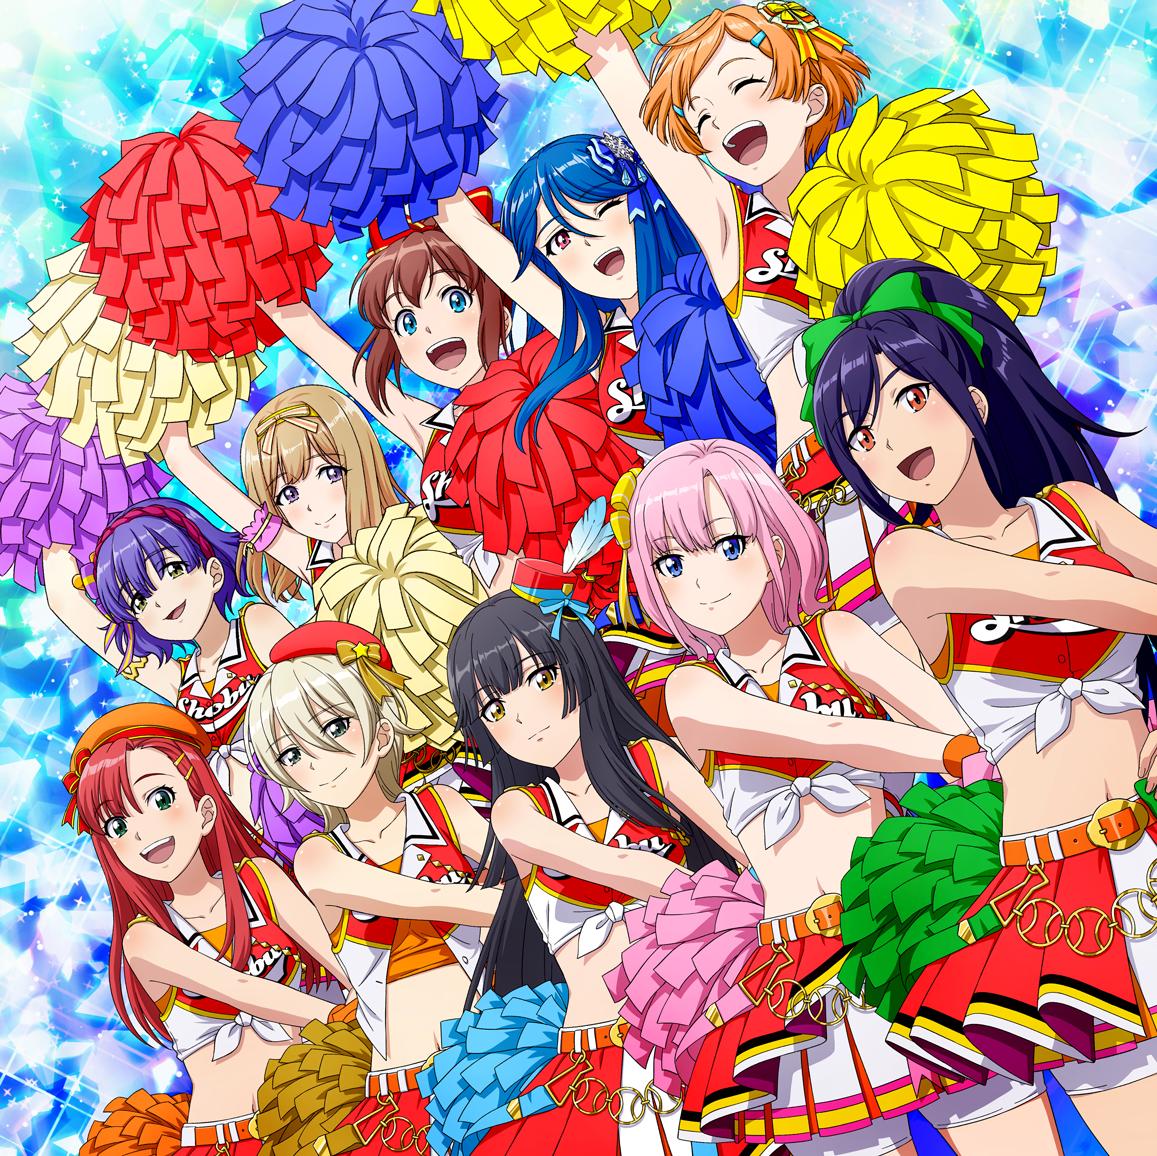 2nd応援歌「ダイヤみたいなGLORY DAYS」発売中! CDには、初回生産分限定でキャラクターカードがランダム封入!